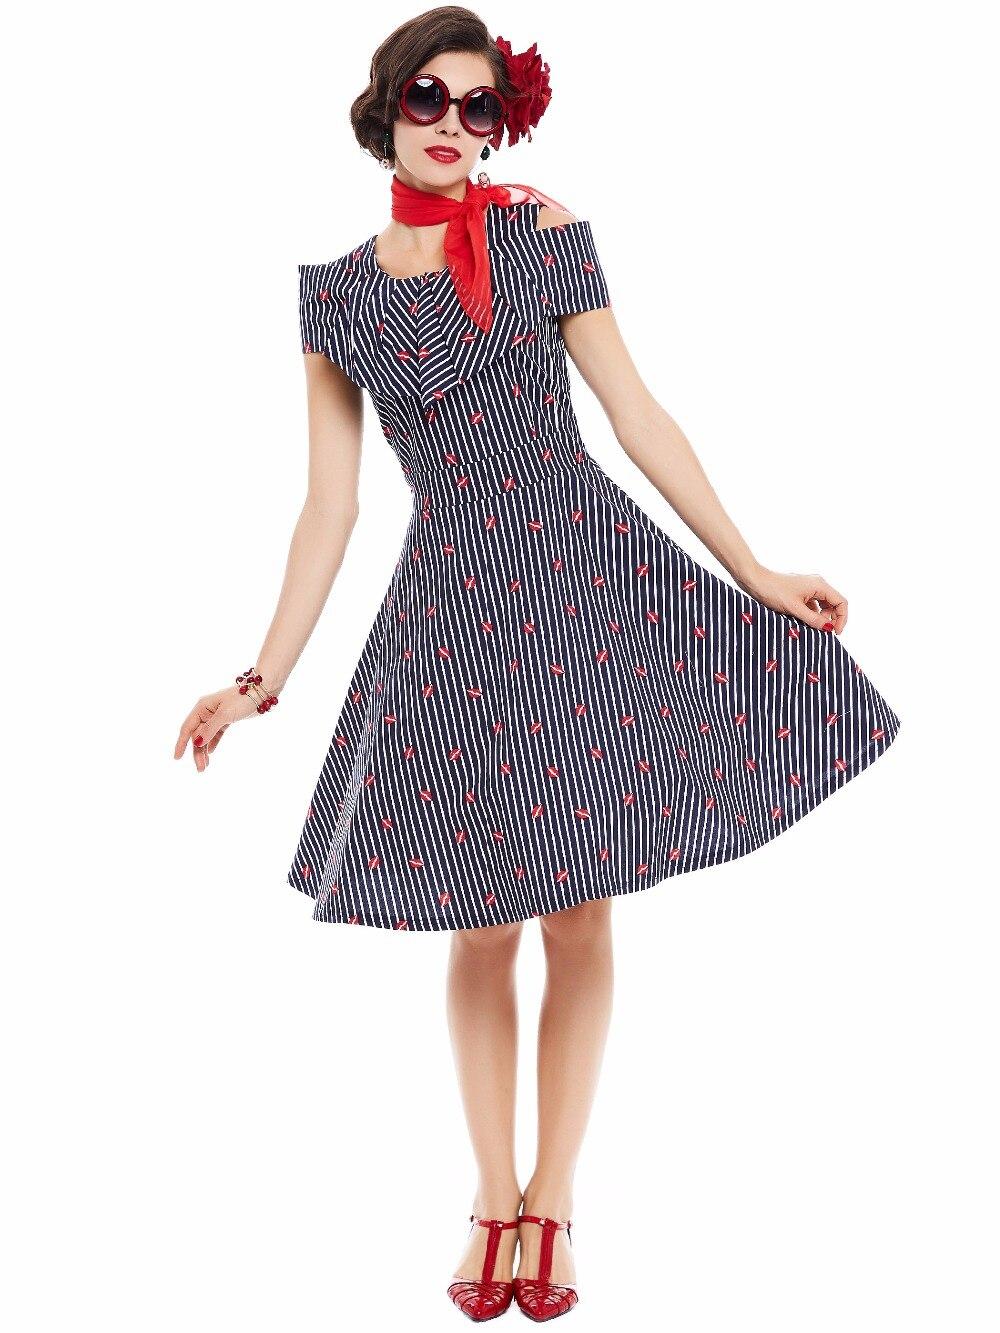 Sisjuly Vintage Dresses Design Knee High Summer Dress Red Lips Patterned Sqaure Collar Strap Dress For